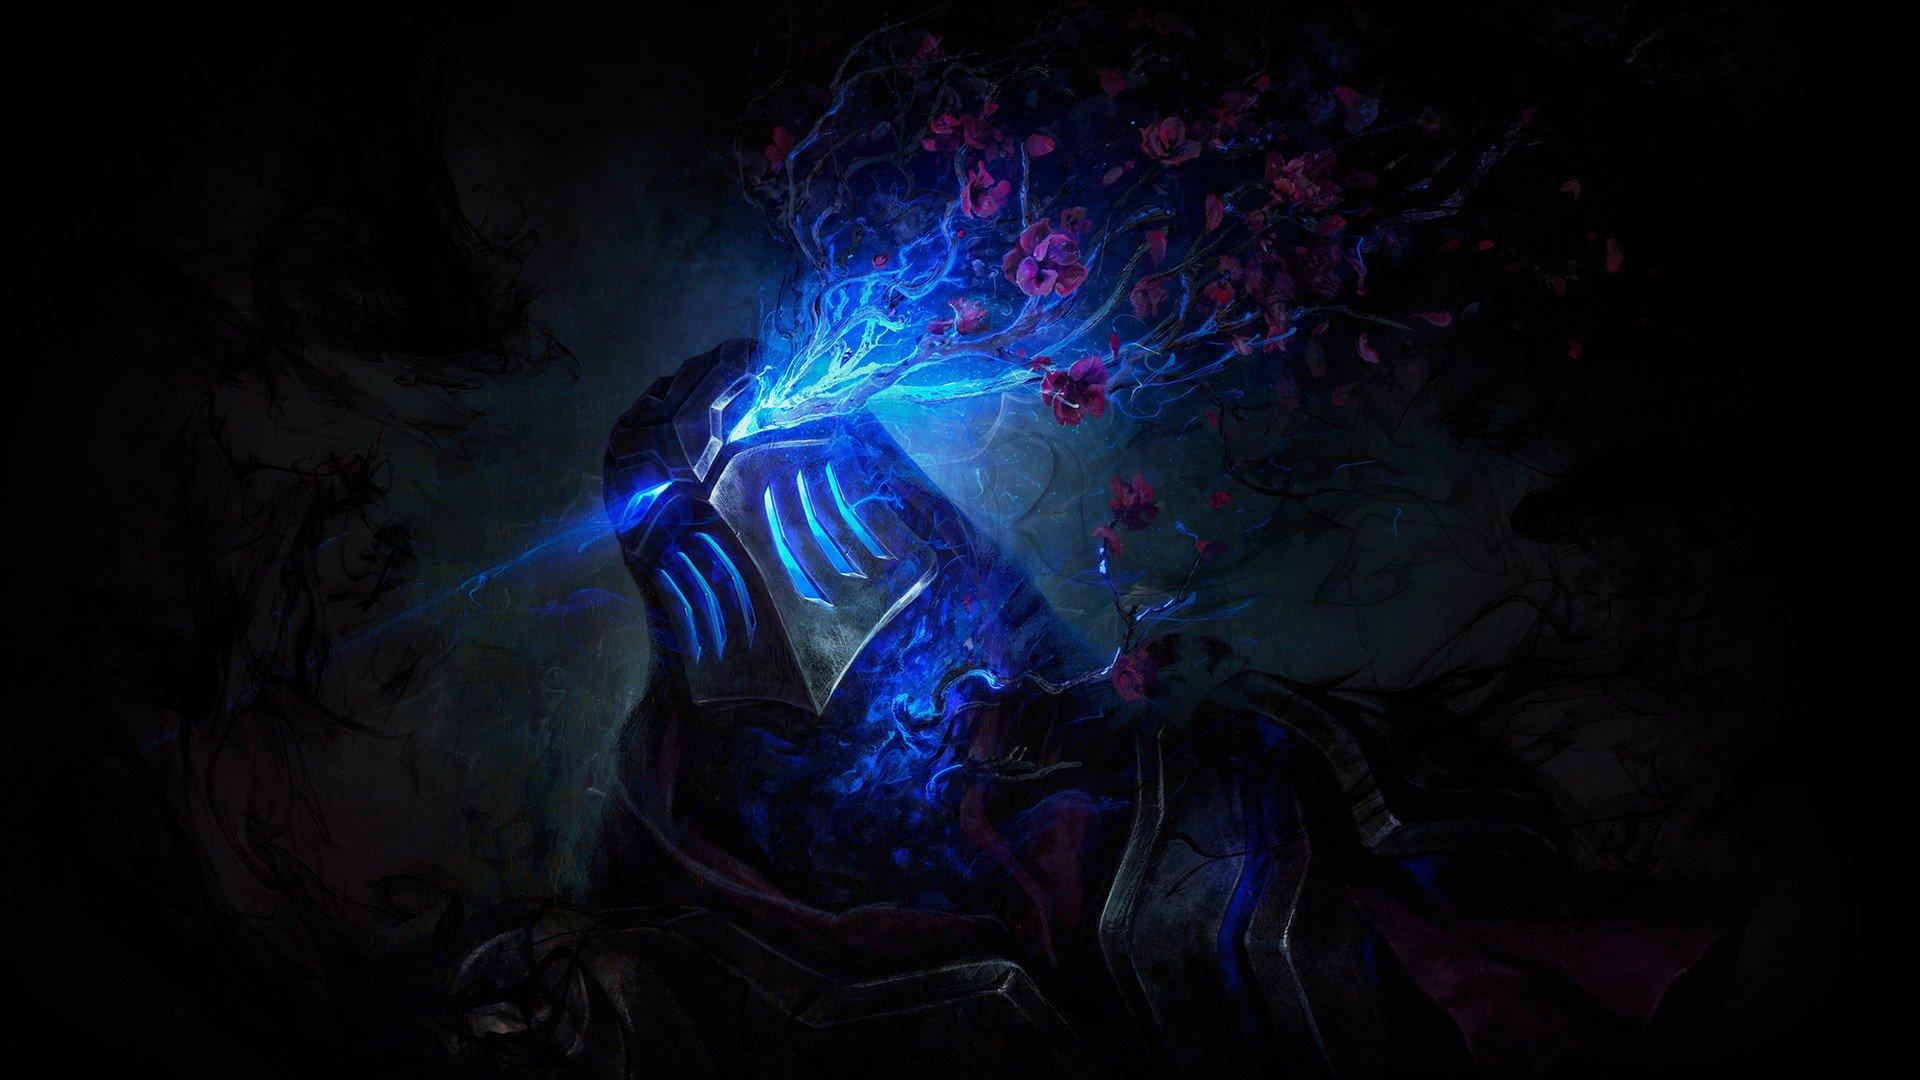 Арт к пререлизу нового героя в League of Legends. - Изображение 3